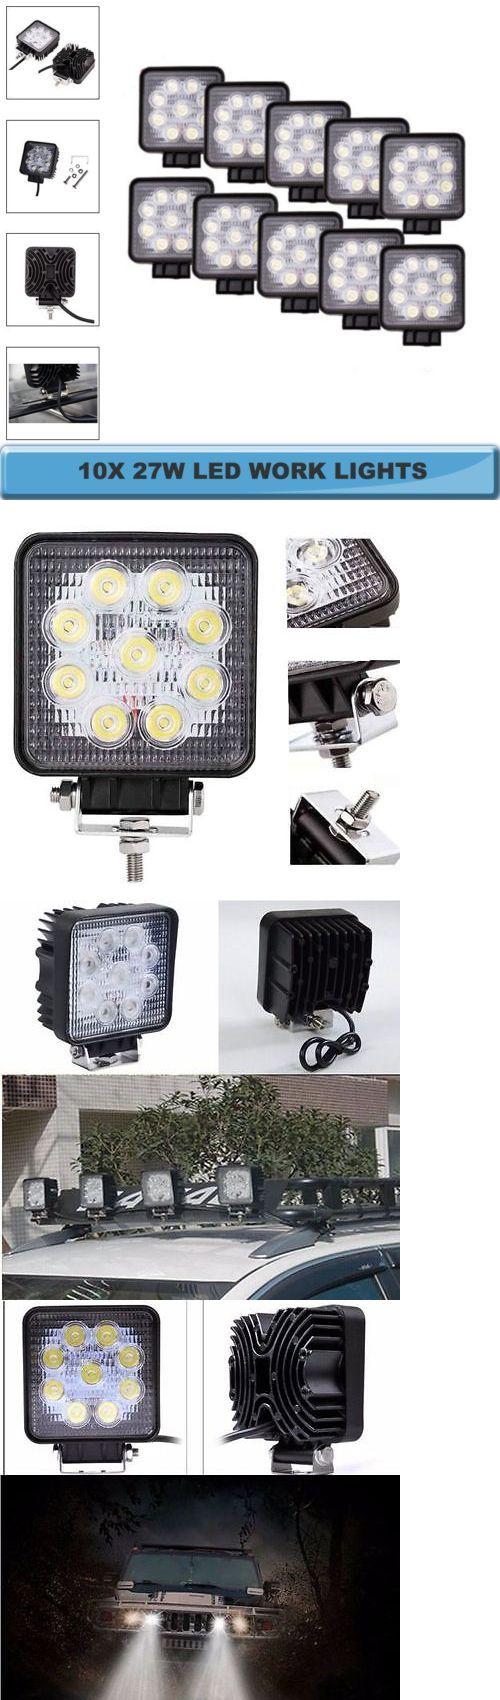 Car Lighting: 10Pcs 27W Led Work Light Bar Headlight Flood Truck Boat Offroad 12V 24V Suv Atv BUY IT NOW ONLY: $55.85